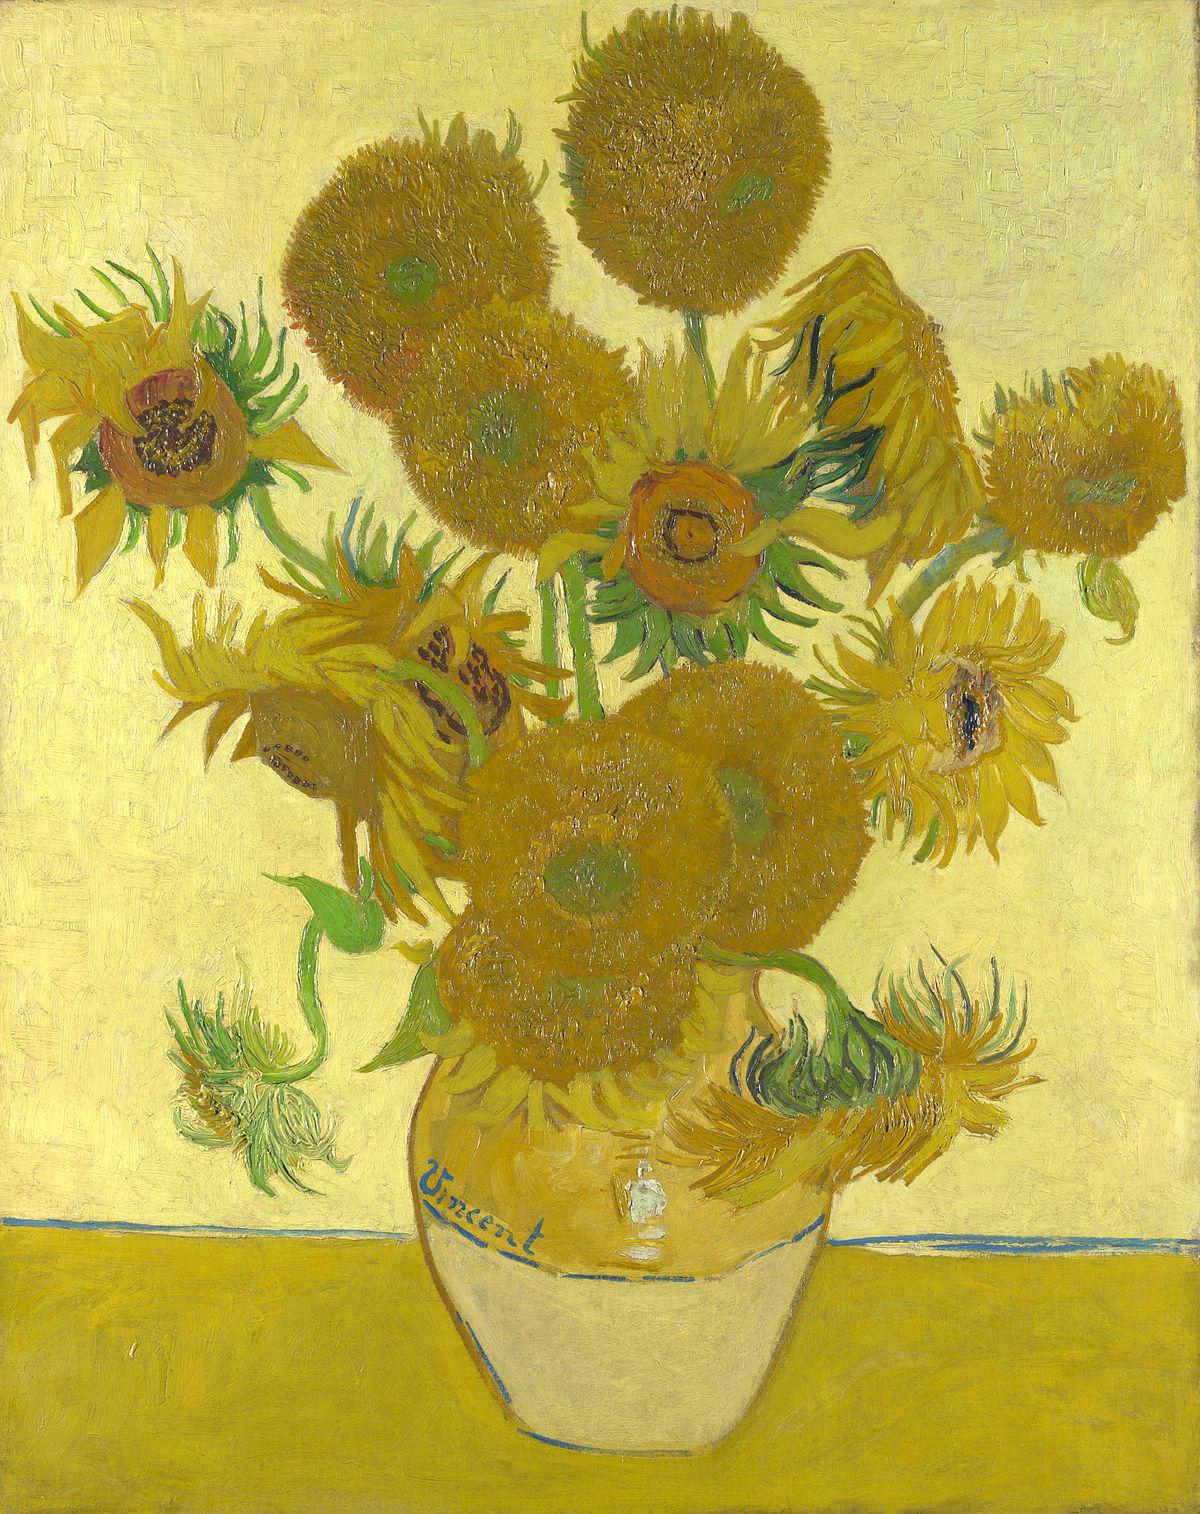 Yazı: Van Gogh'u Tanımak - 3 | Yazan: Pelin Erem